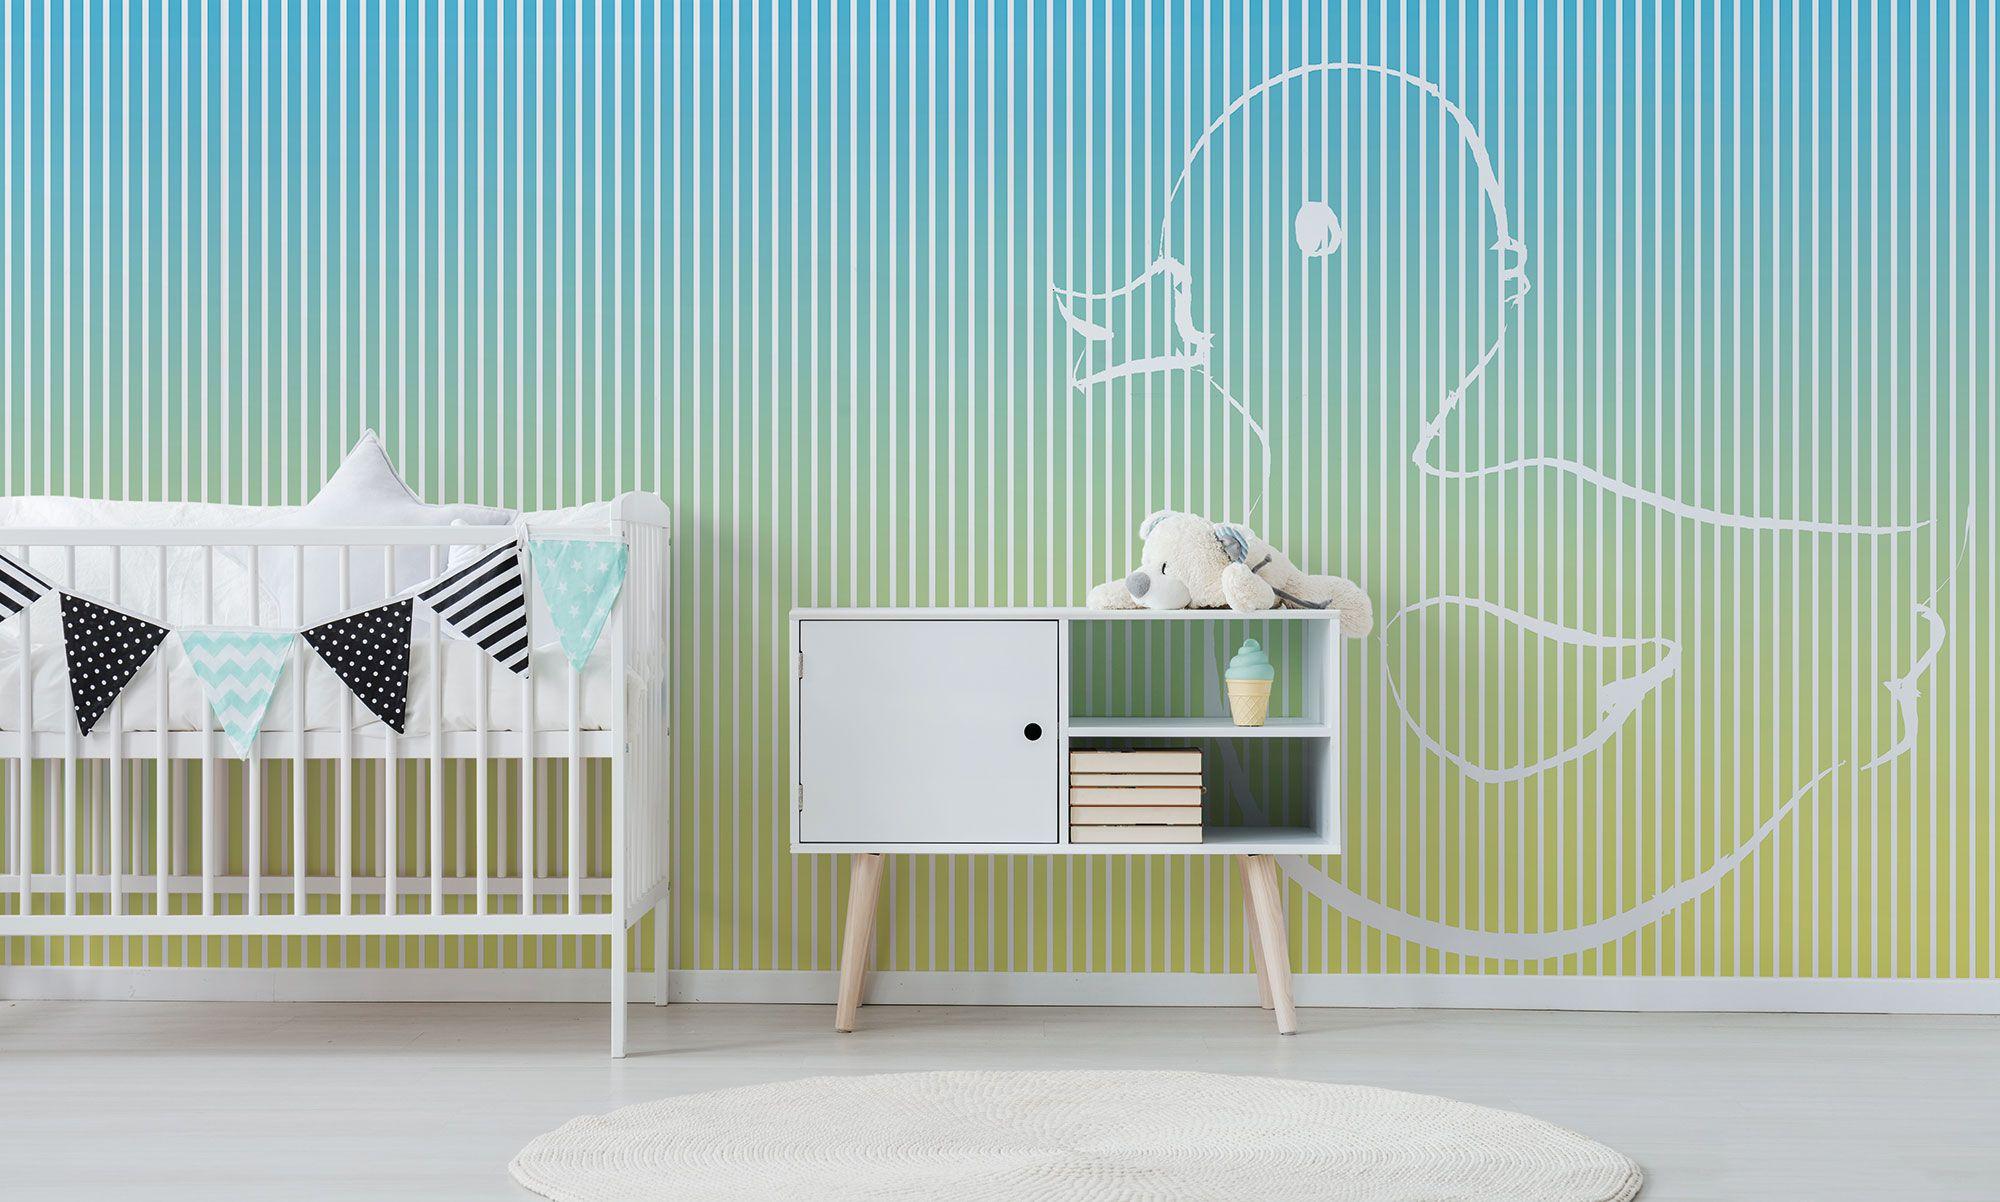 Muri Camerette Per Bambini pareti colorate | per asili e spazi bimbi